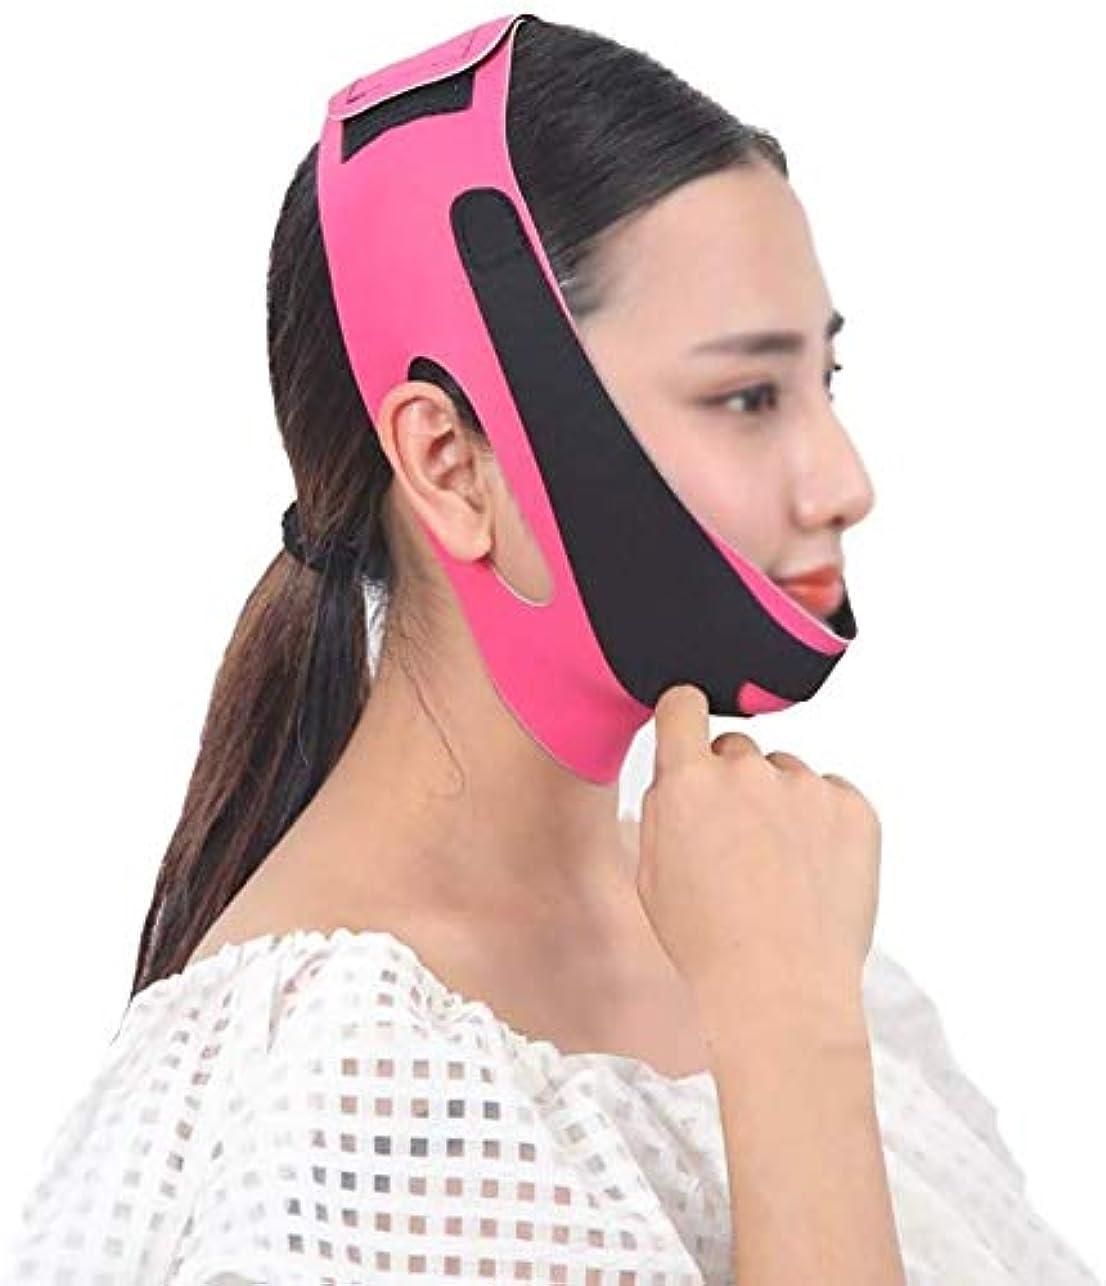 乱用倍率変成器美容と実用的なフェイスアンドネックリフト術後弾性フェイスマスク小さなV顔アーティファクト薄い顔包帯アーティファクトV顔ぶら下げ耳リフティング引き締め薄い顔アーティファクト